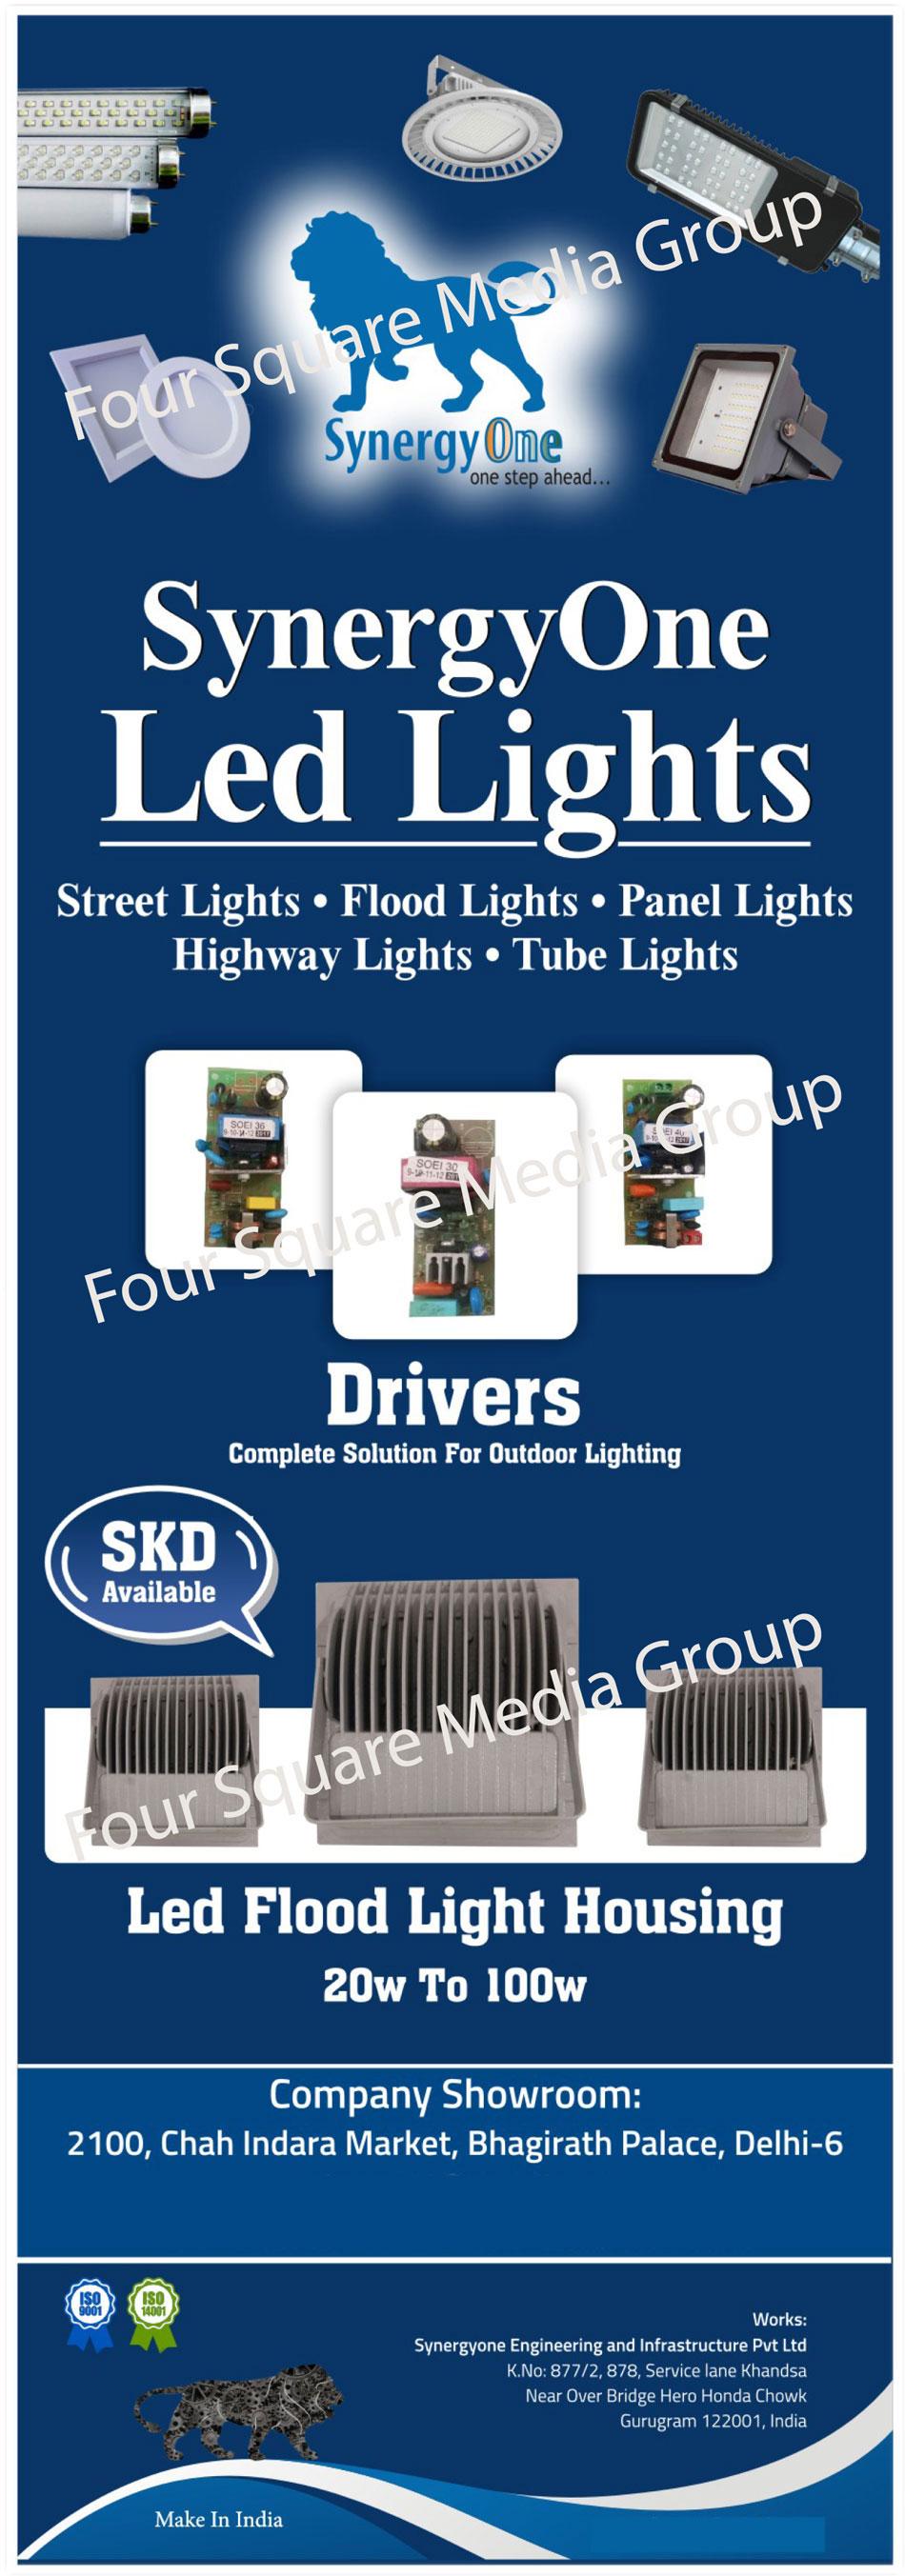 Led Lights, Street Lights, Flood Lights, Panel Lights, High Bay Lights, Tube Lights, Led Drivers, SKD Led Lights, Led Flood Light Housings